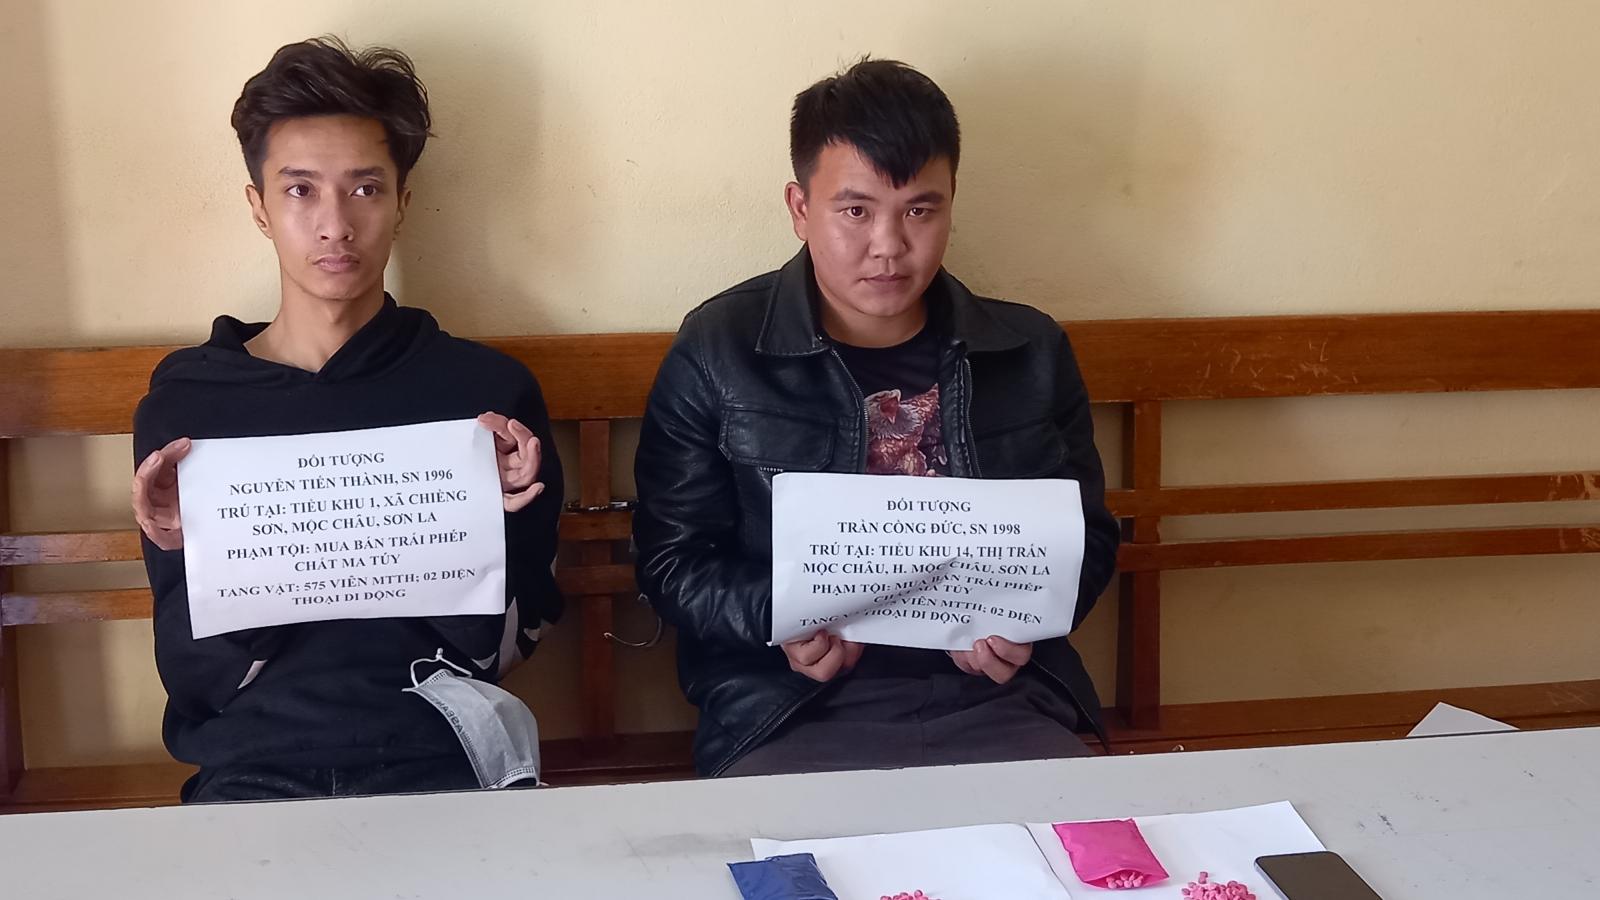 Bộ đội Biên phòng Sơn La bắt giữ các đối tượng mua bán trái phép chất ma túy